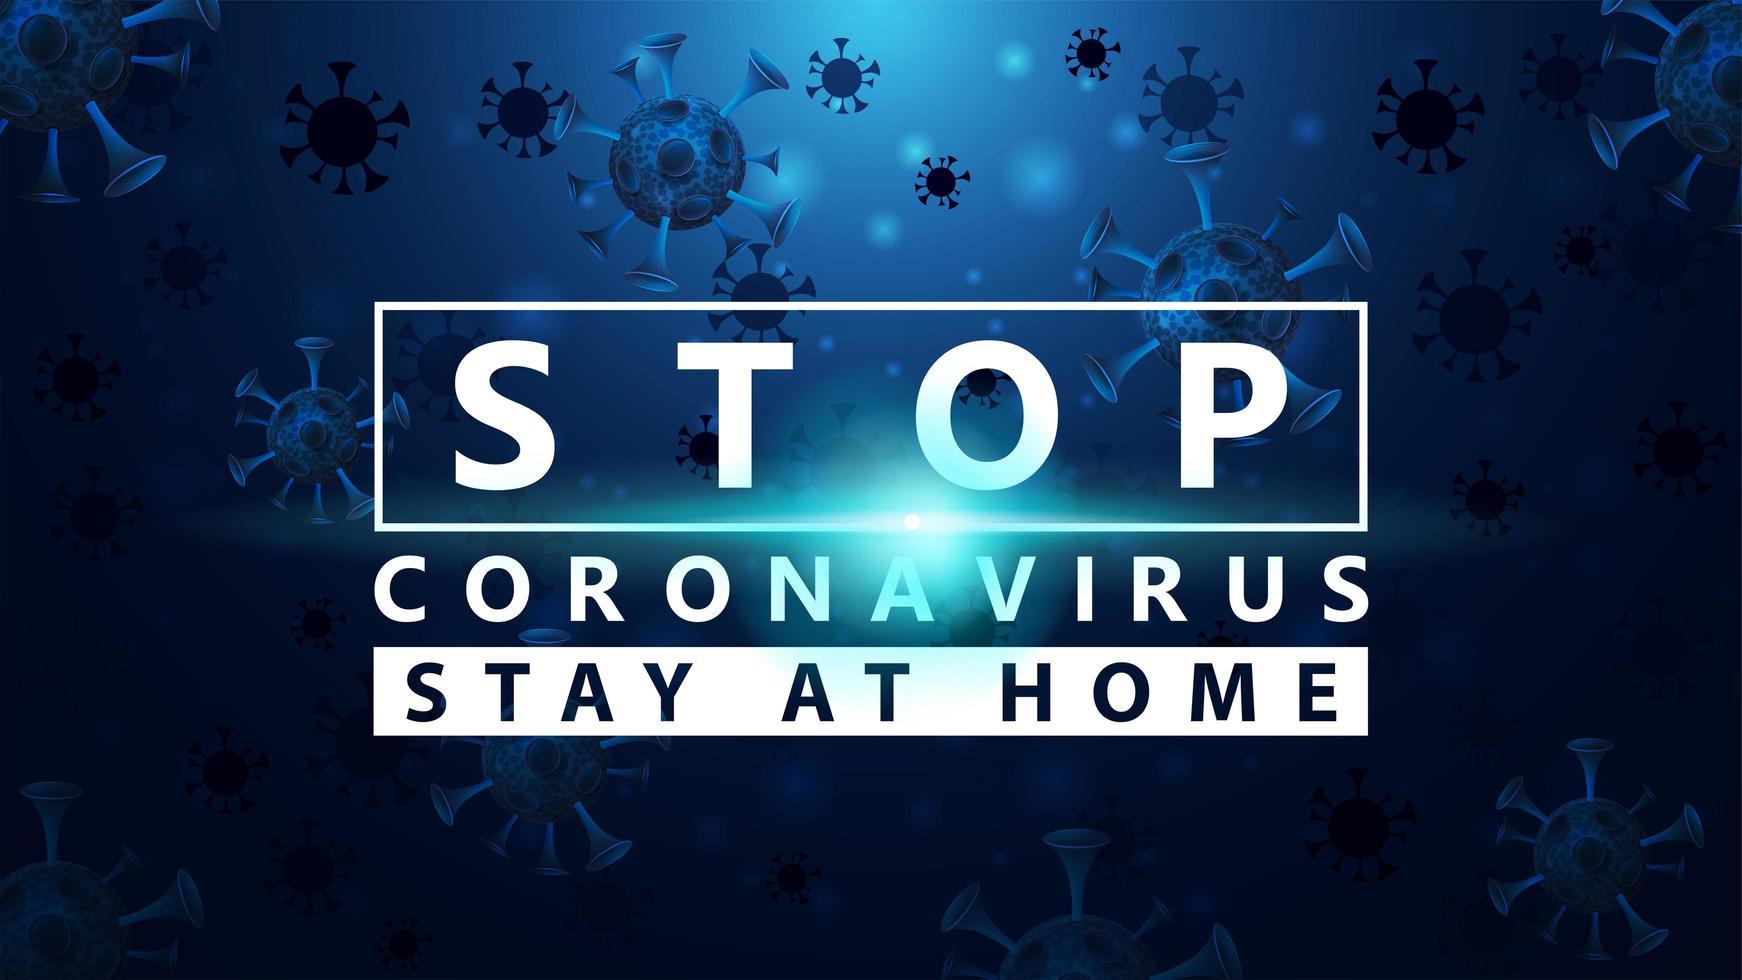 pare o coronavirus fica em casa azul de incandescência poster vetor